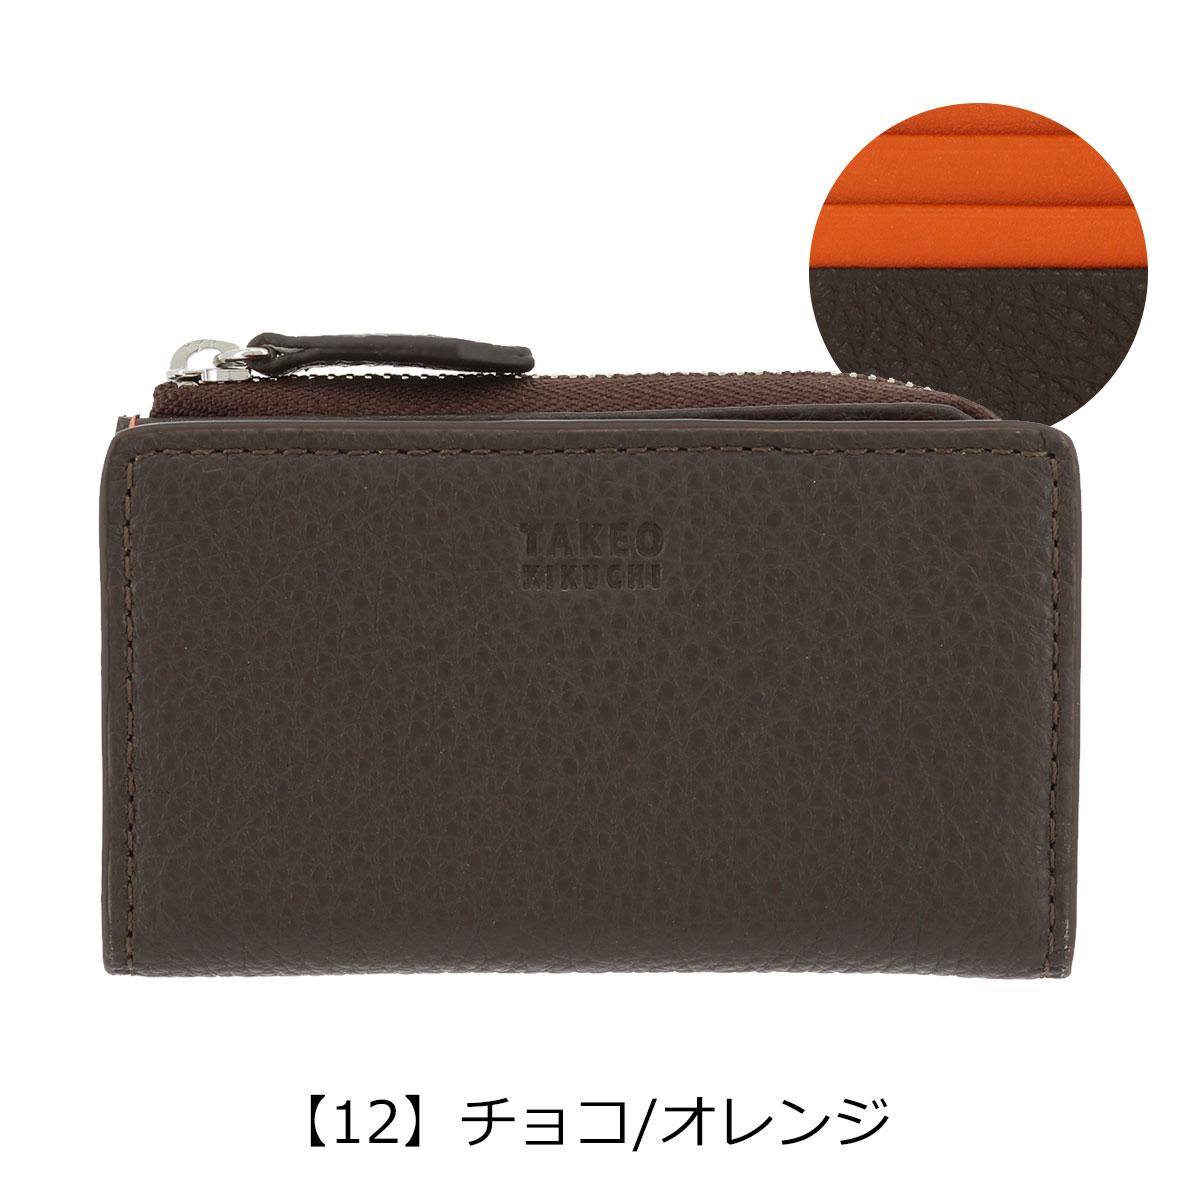 【41】ネイビー/ブルー